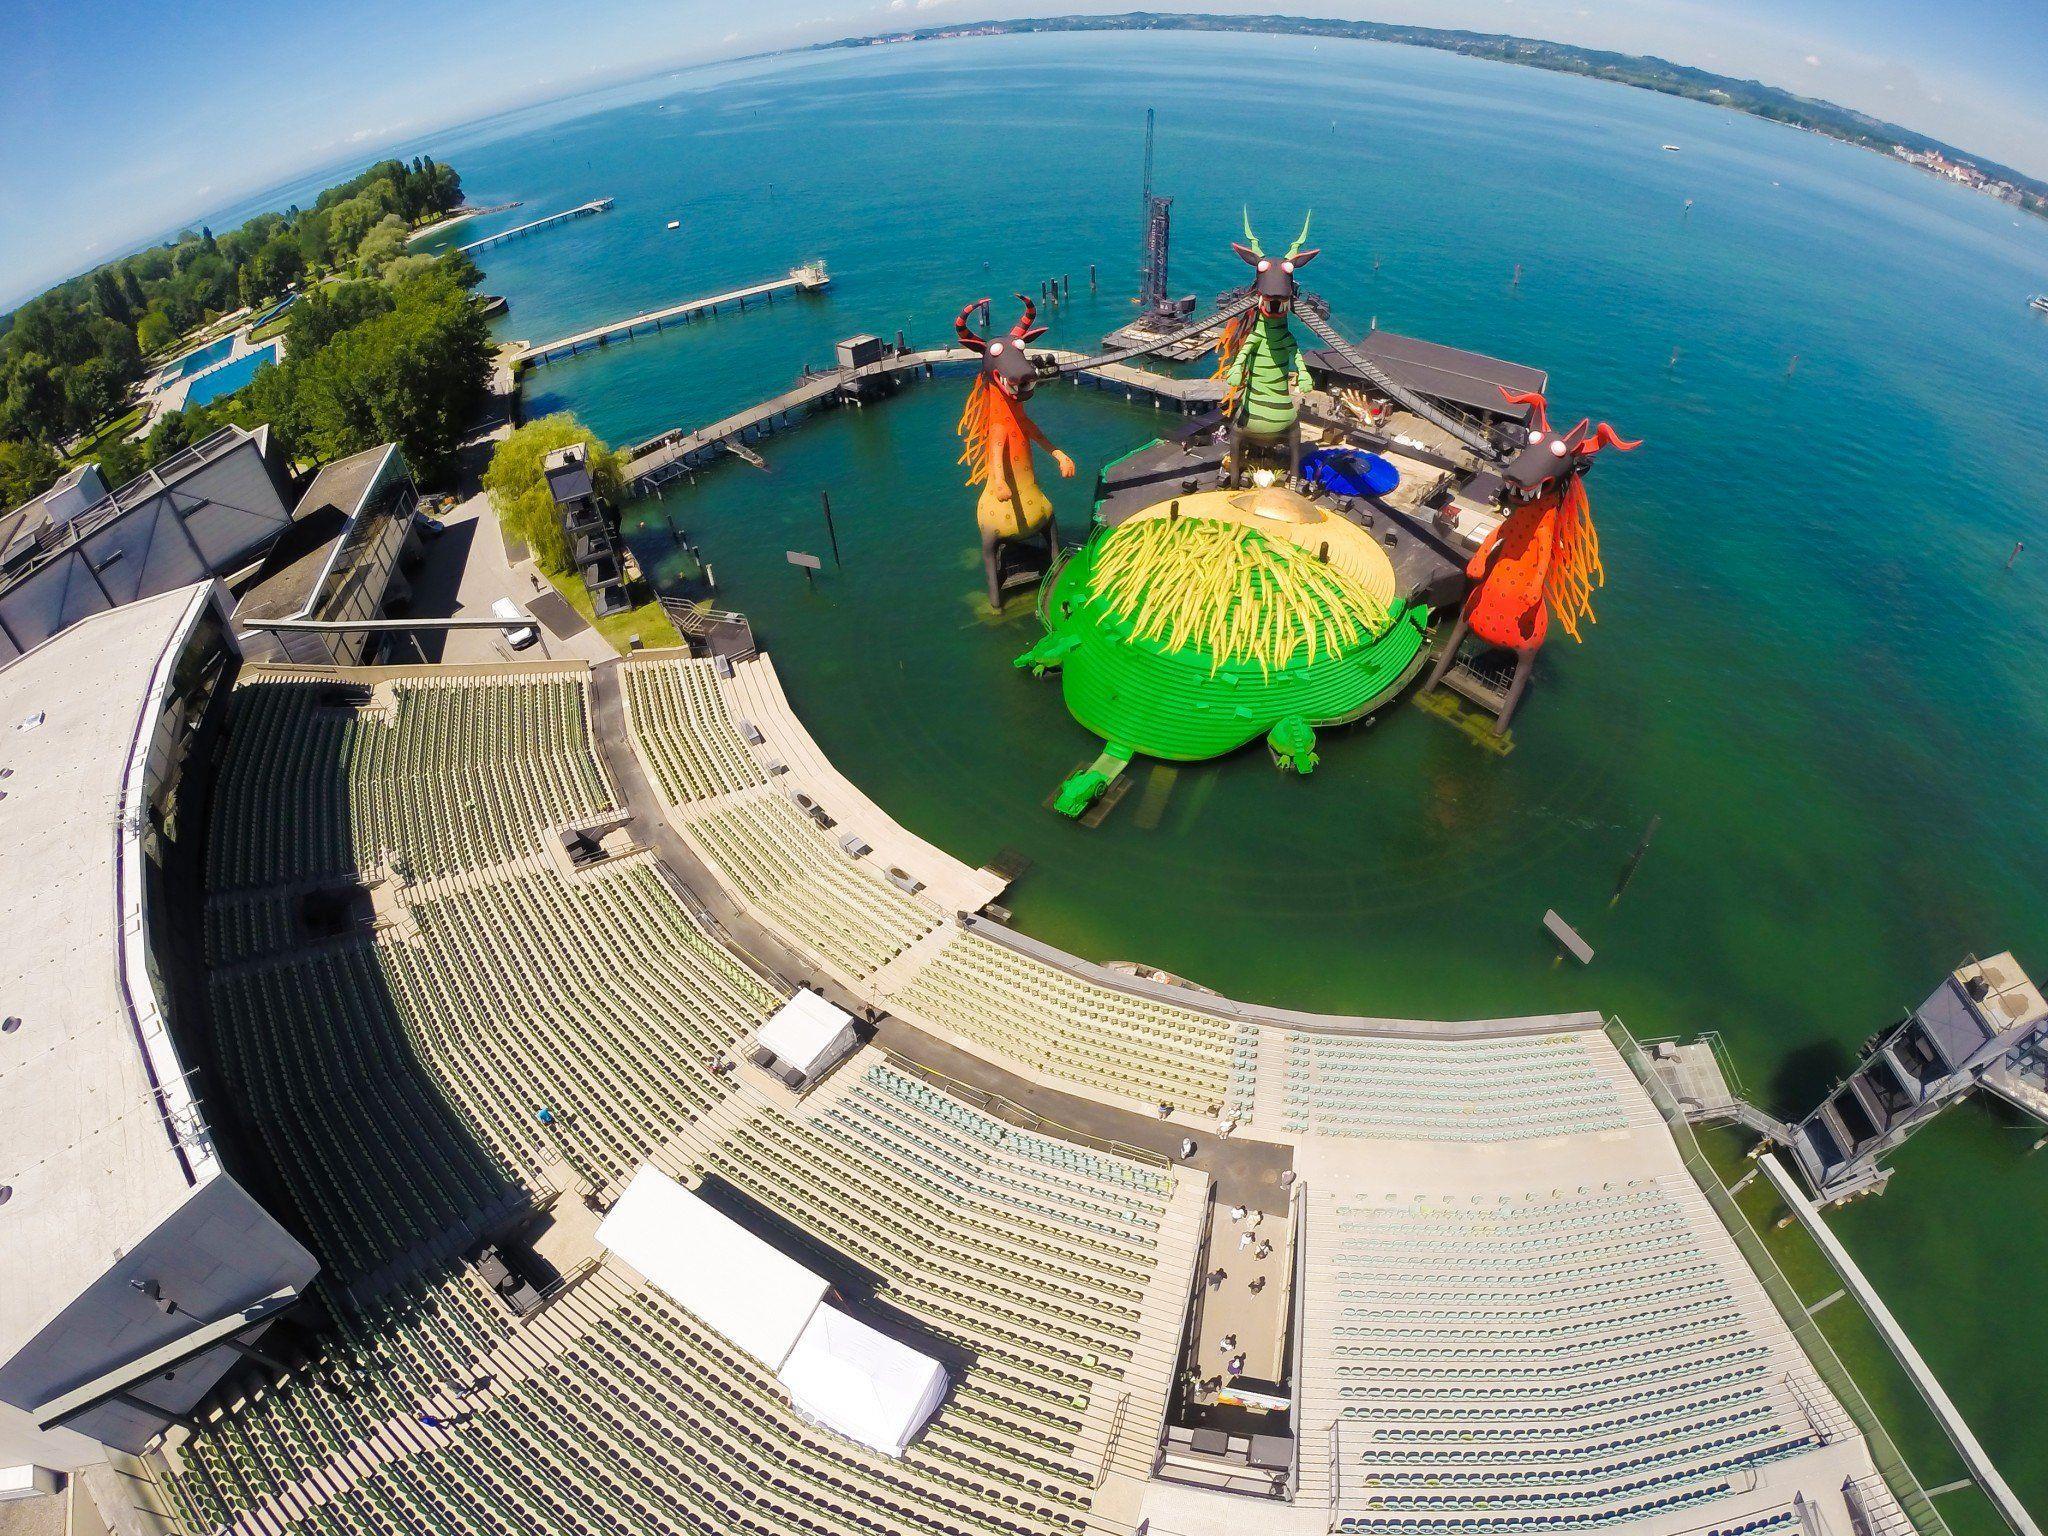 Luftbild von der Bregenzer Festspielbühne auf dem Bodensee.